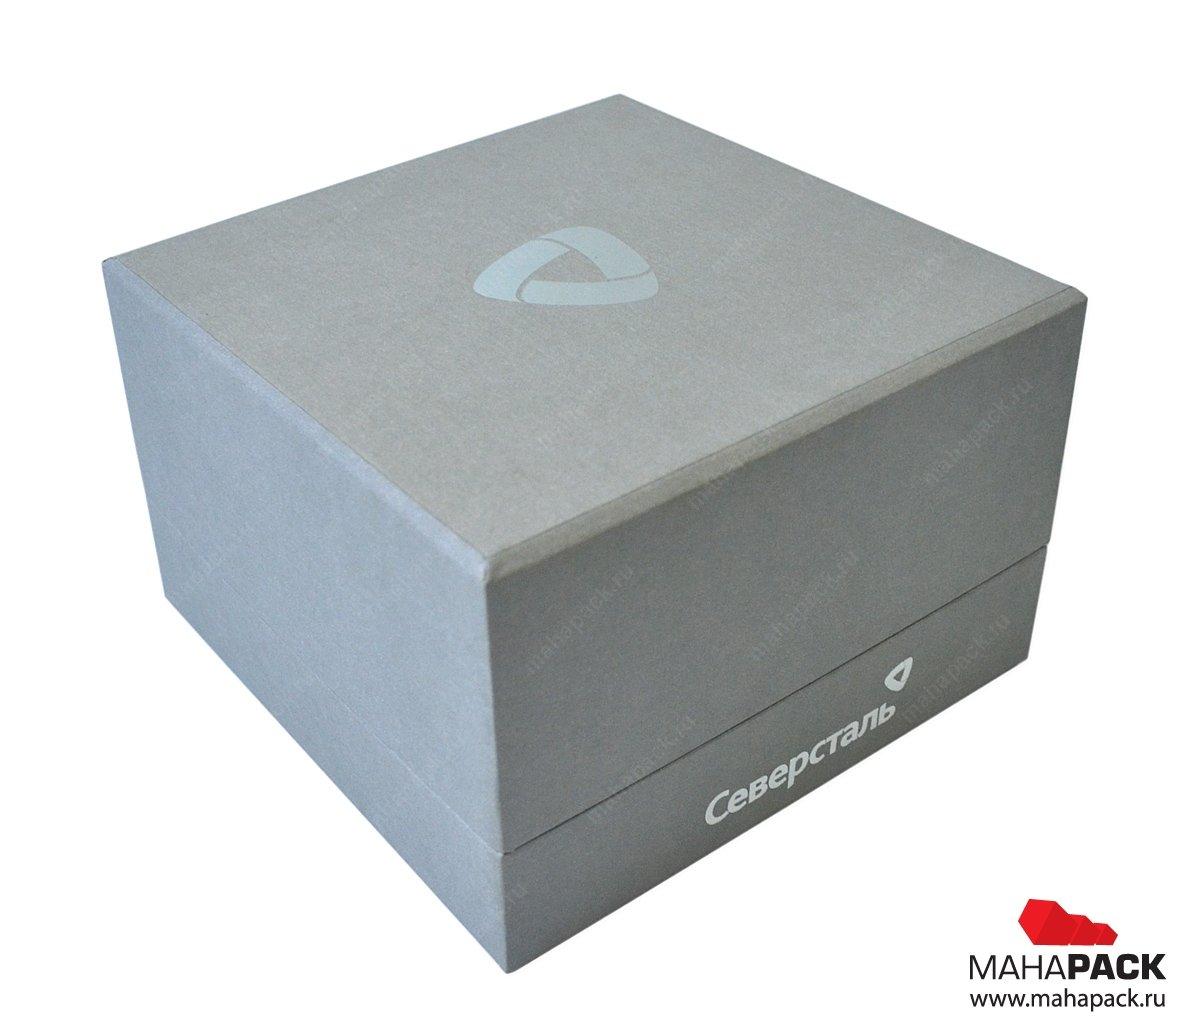 Изготовление коробок для сувениров на заказ